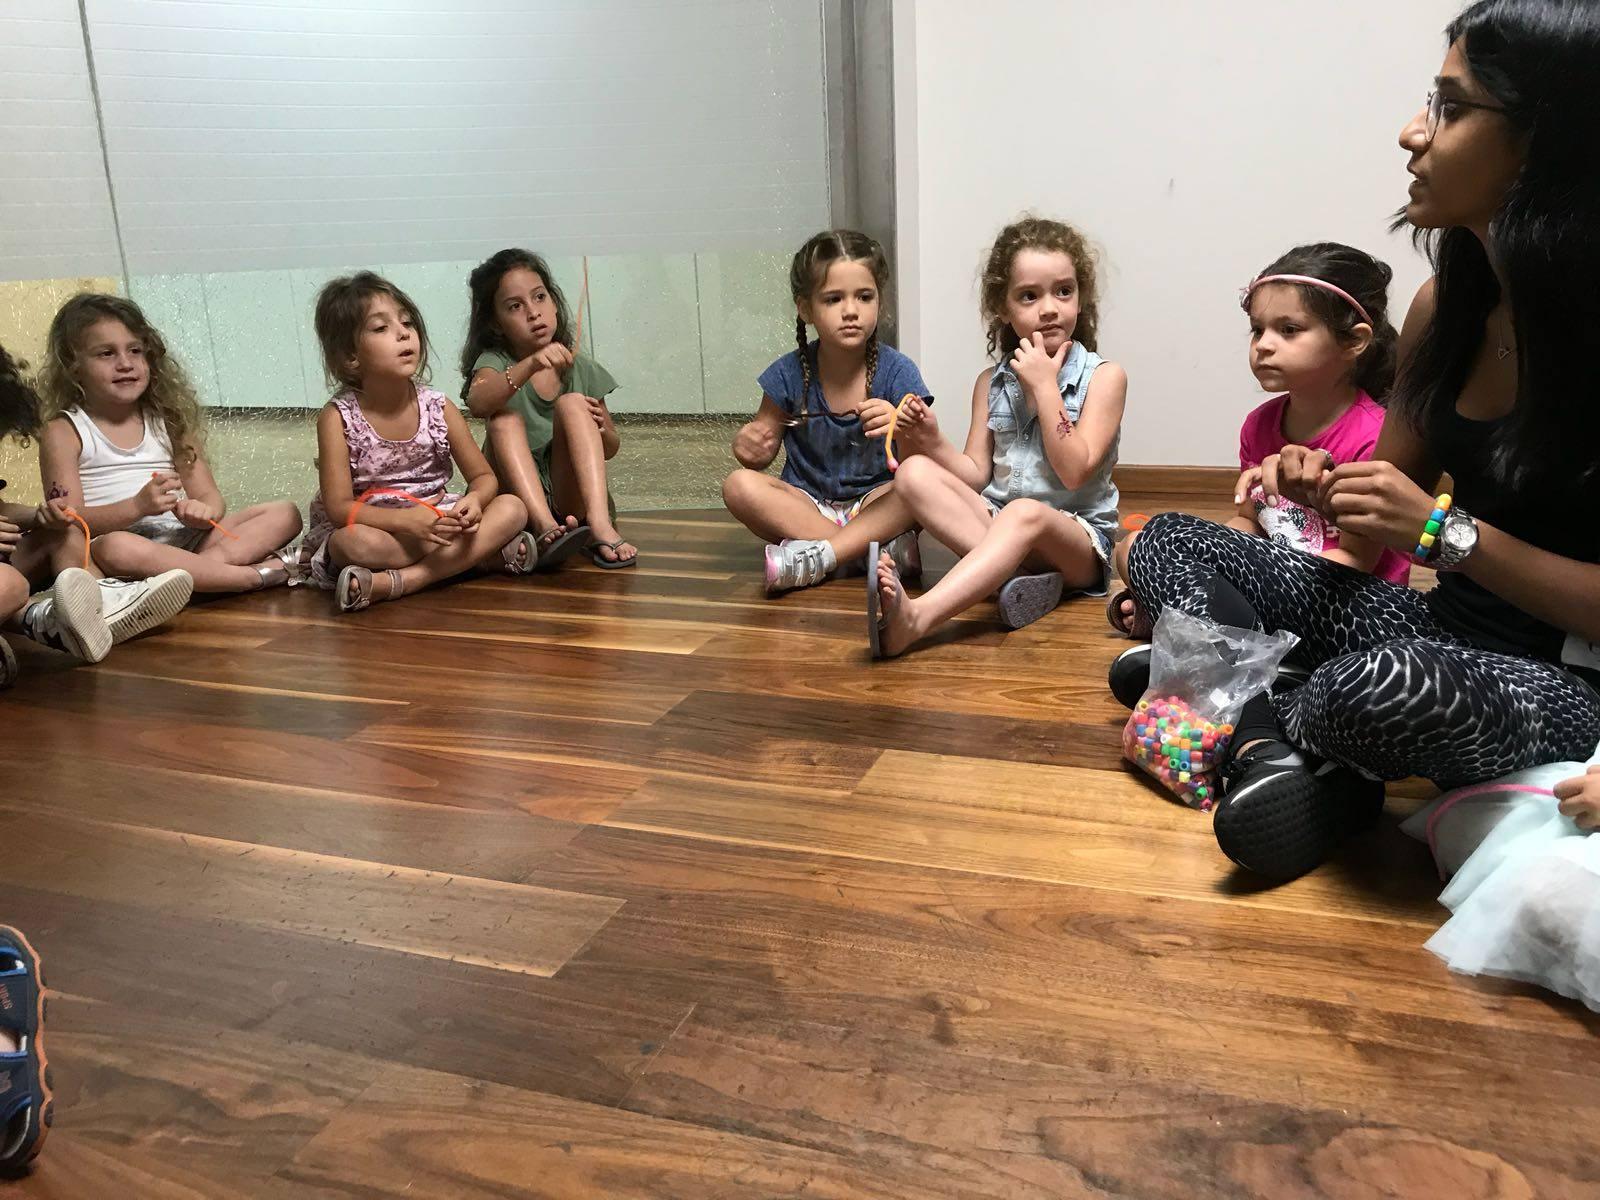 גלרייה - קייטנת ילדי הבורסה 17-31.08.2018 תמונה 12 מתוך 31